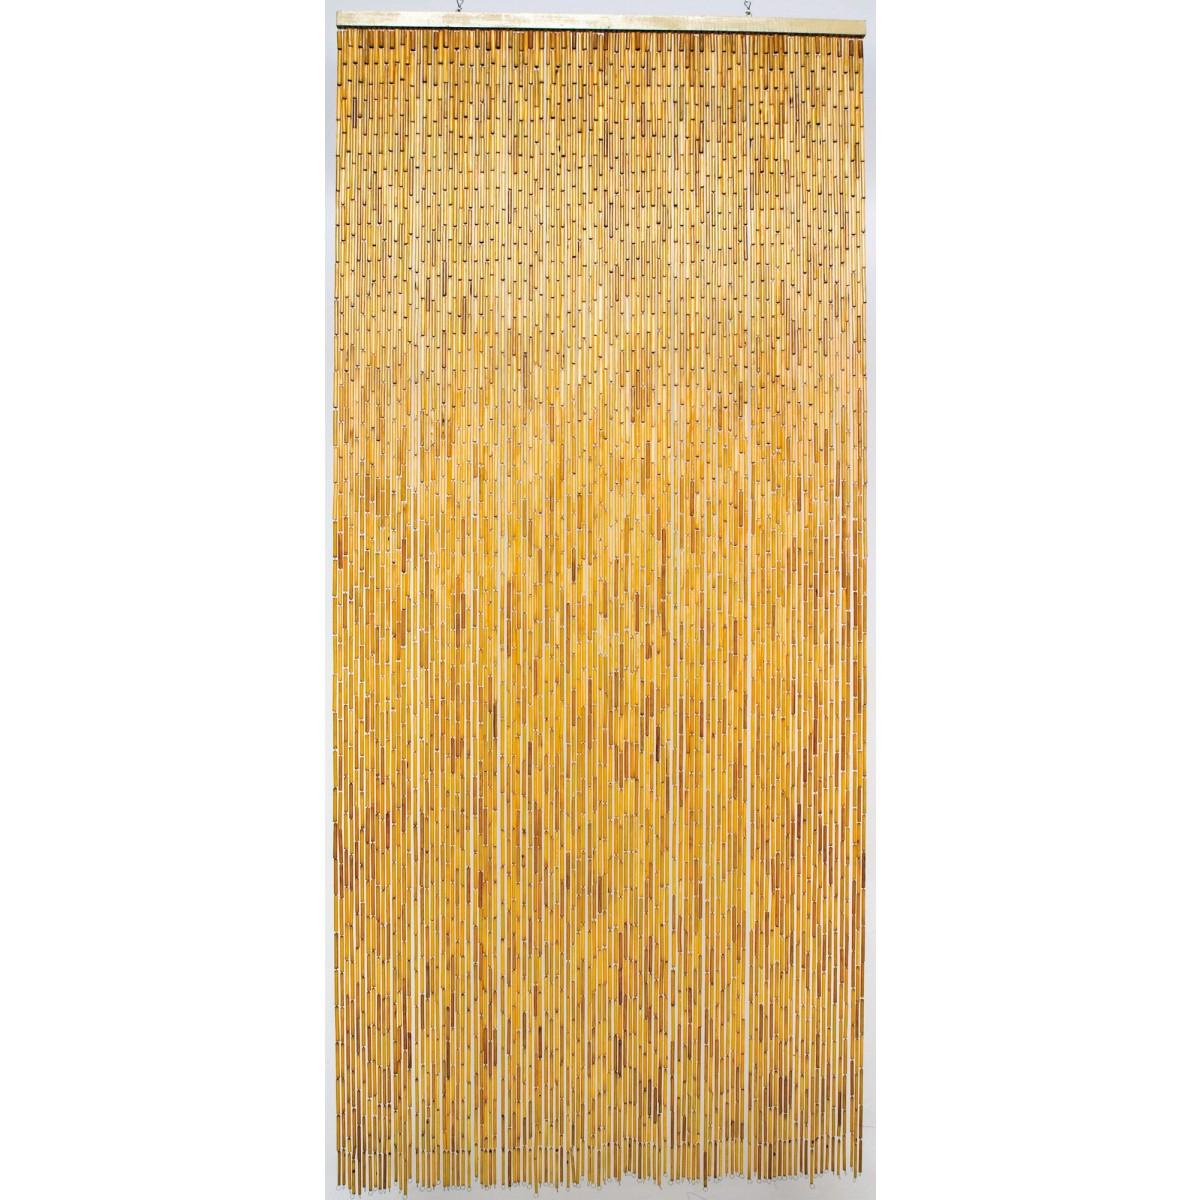 store bambou exterieur leroy merlin design de maison concernant rideaux store bambou exterieur leroy merlin design de maison interieur 16 rideau fashion 1200 pixels